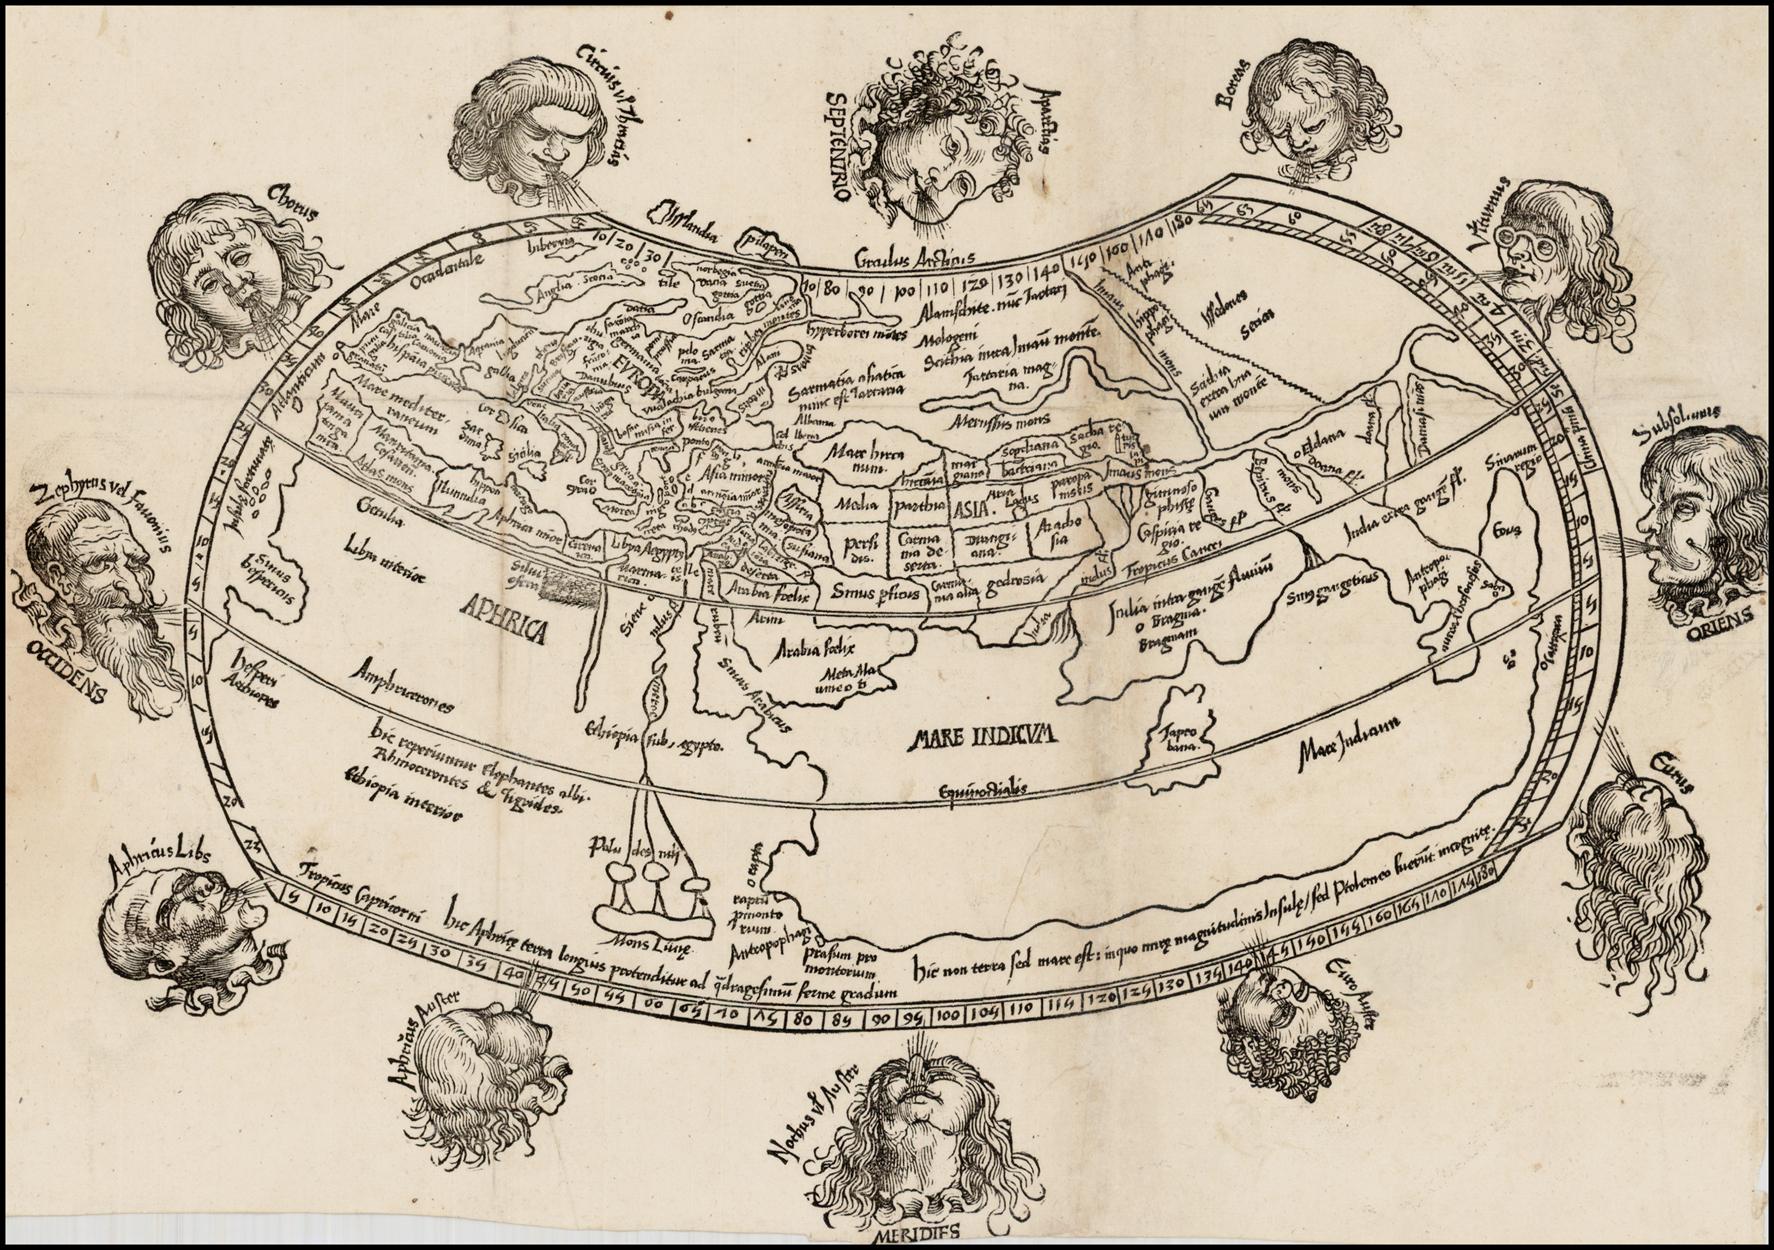 1503 Gregor Reisch